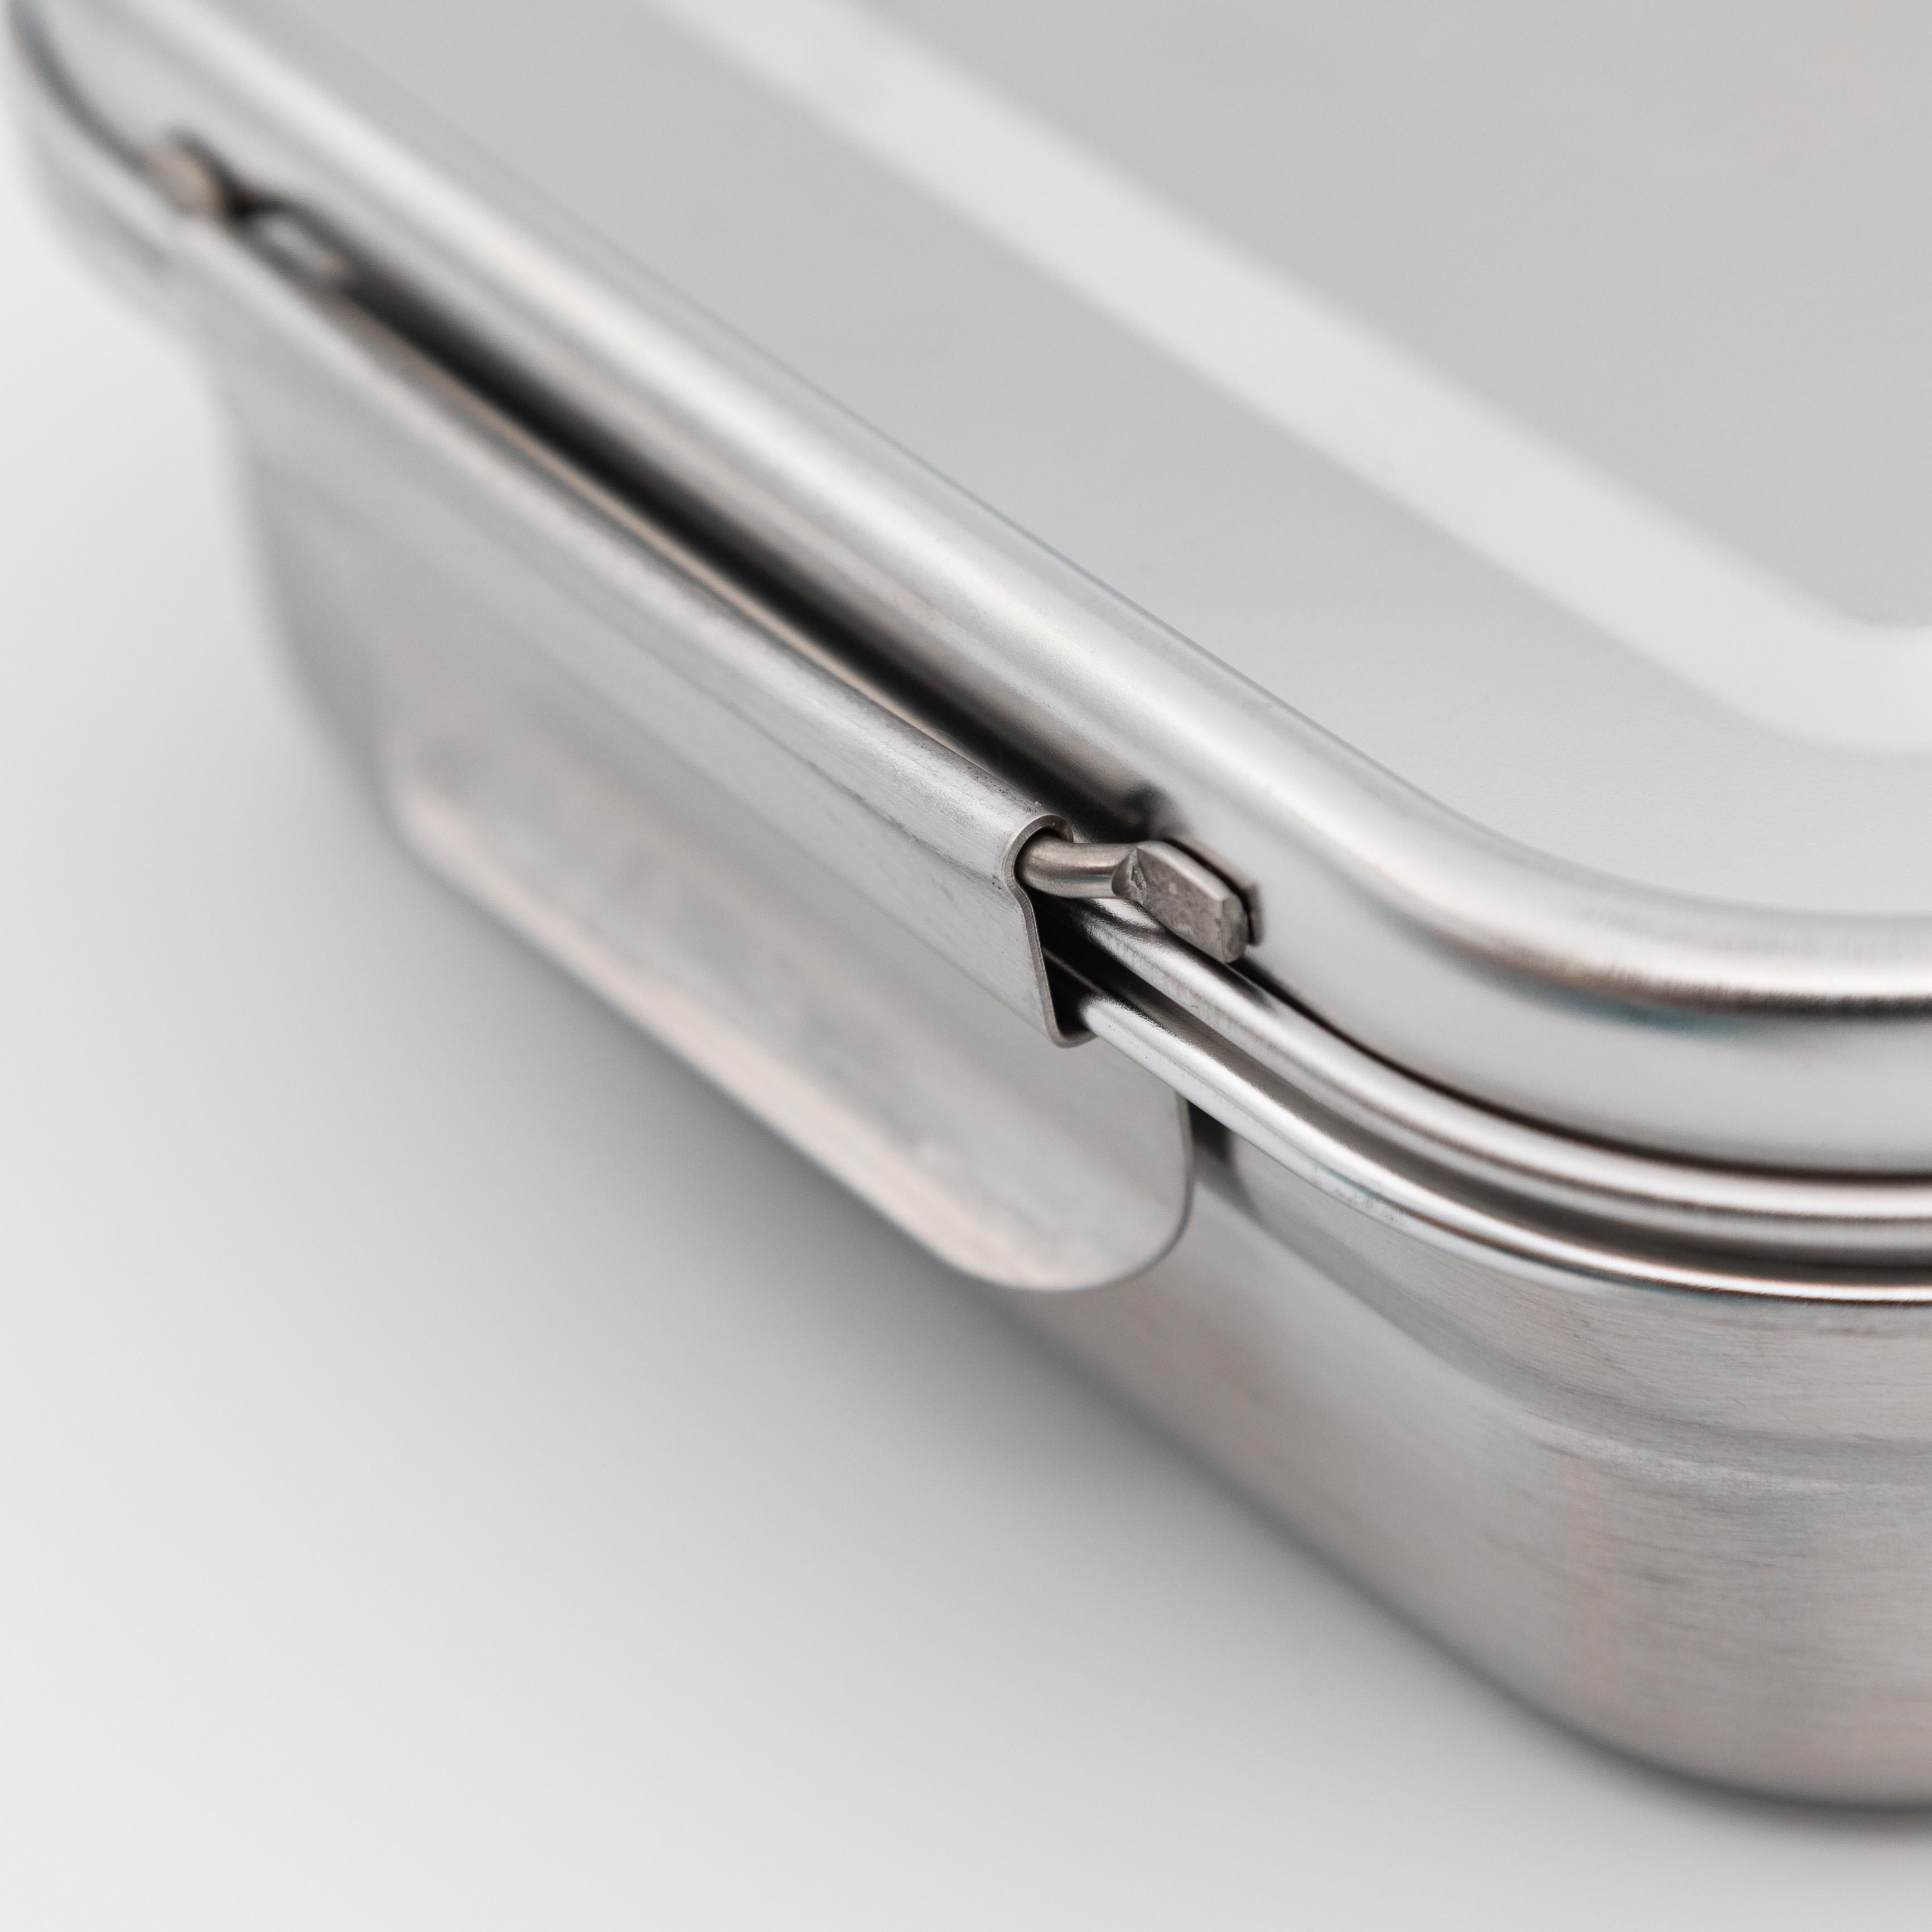 Detail Öffnungslasche von Lunchbox aus Edelstahl.